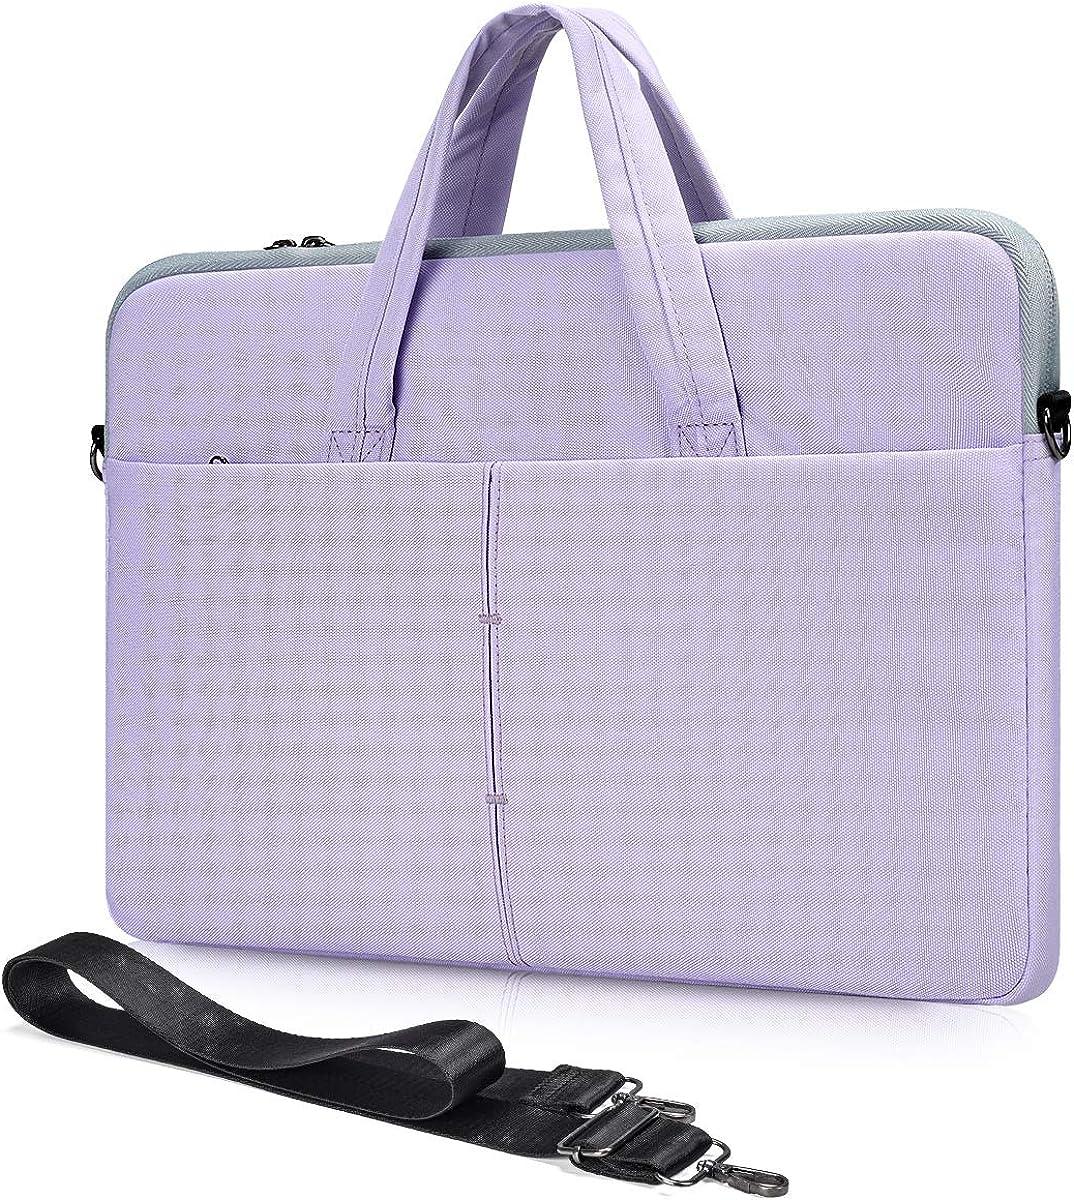 11-17.3 Laptop Case with Shoulder Strap